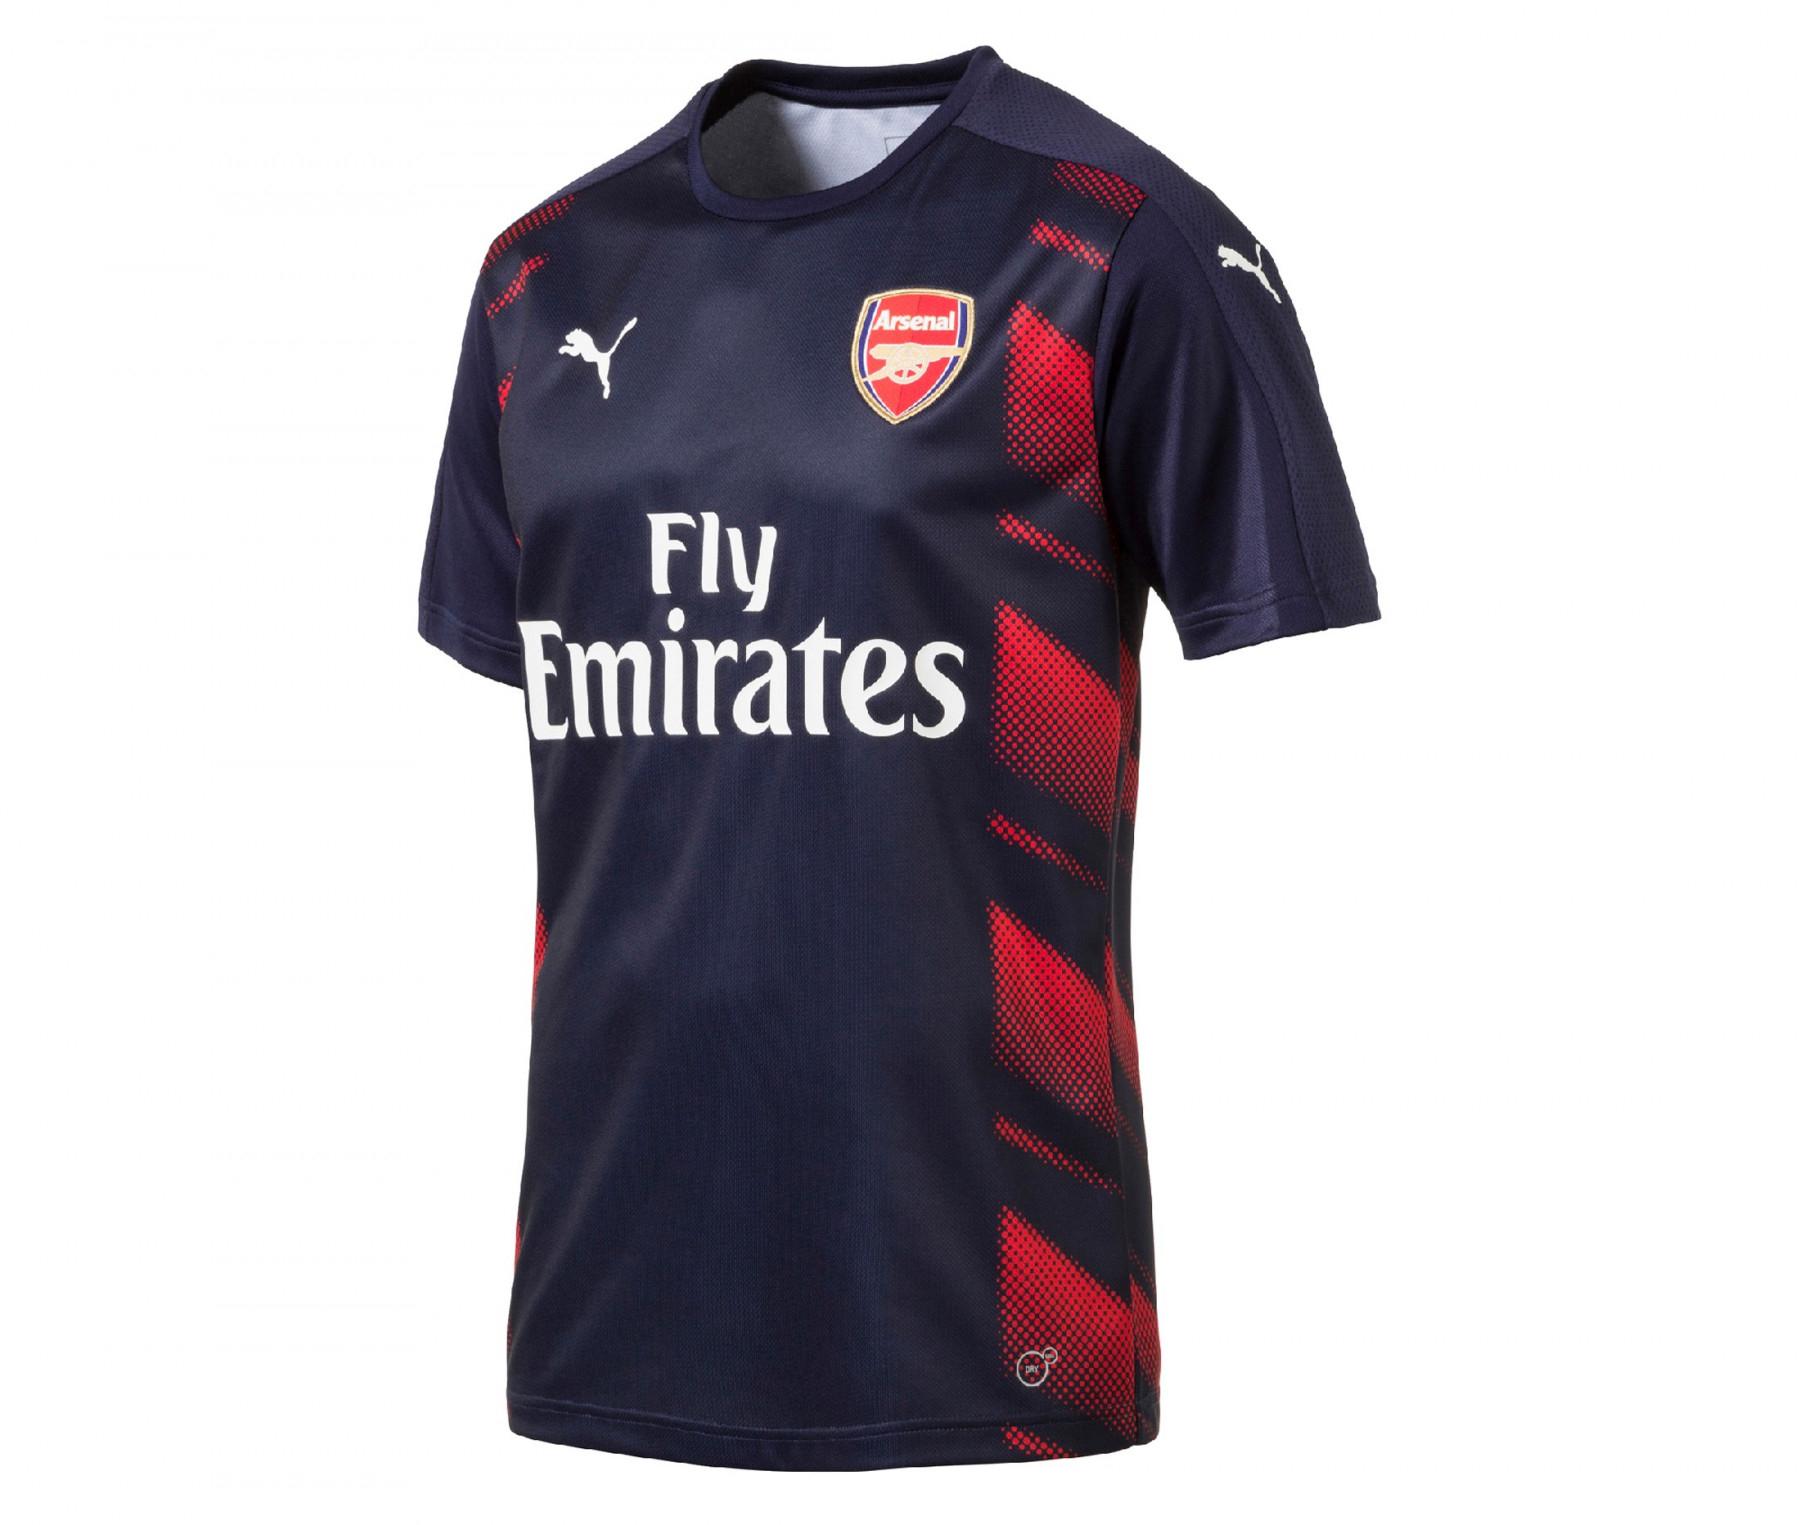 Maillot de football Puma Arsenal FC Pré-Match - tailles L ou XL